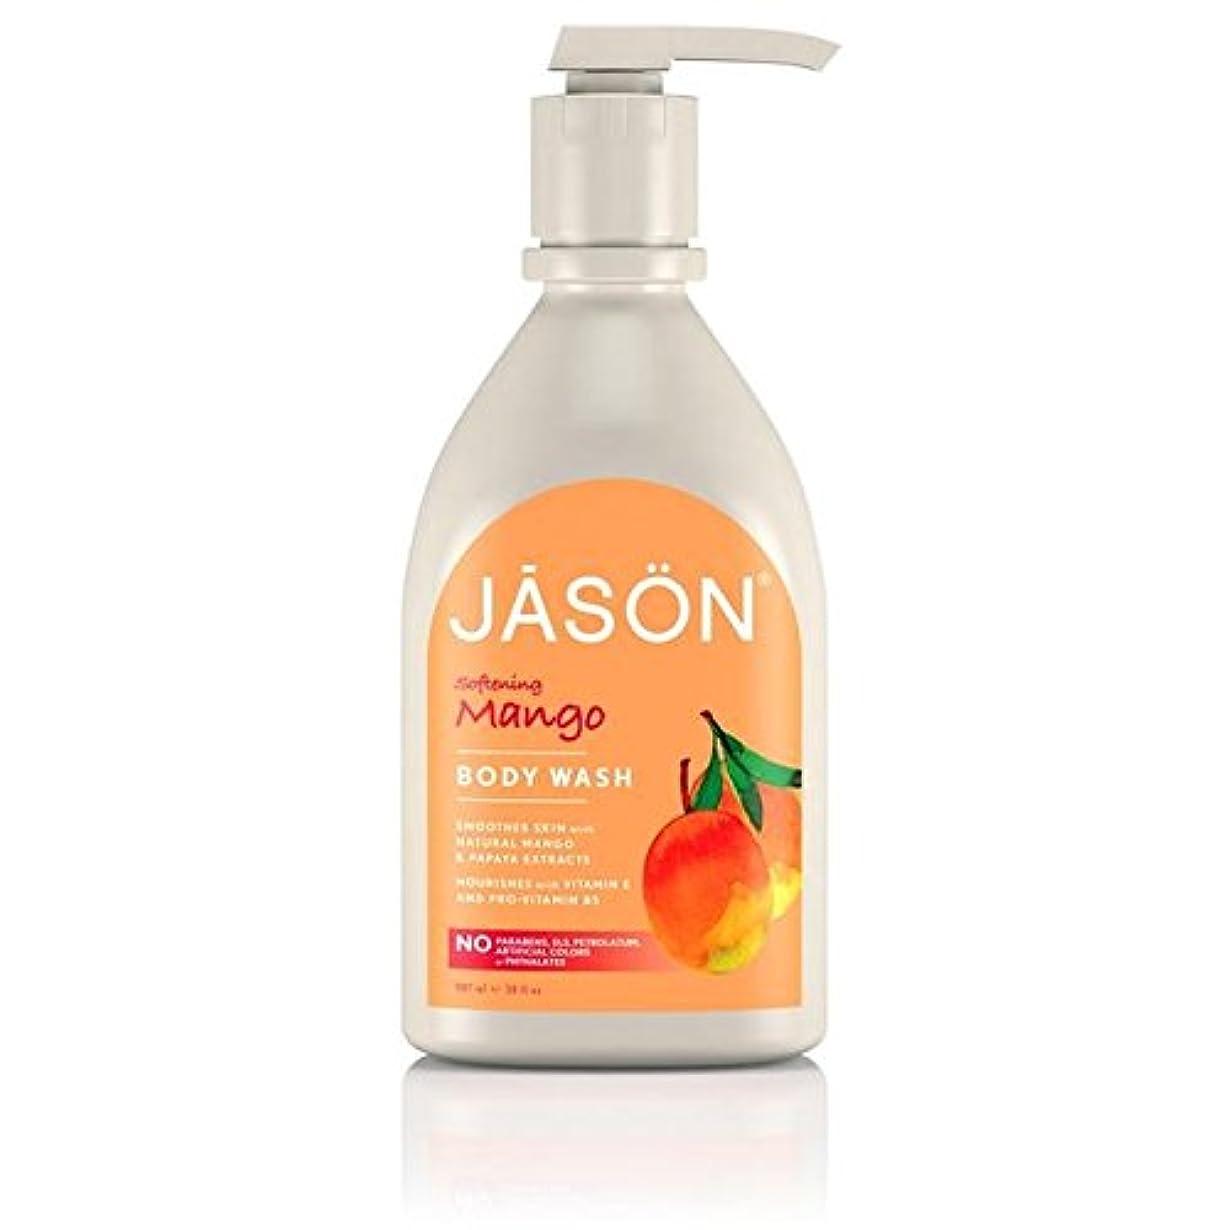 モネ序文全能Jason Mango Satin Body Wash Pump 900ml - ジェイソン?マンゴーサテンボディウォッシュポンプ900ミリリットル [並行輸入品]